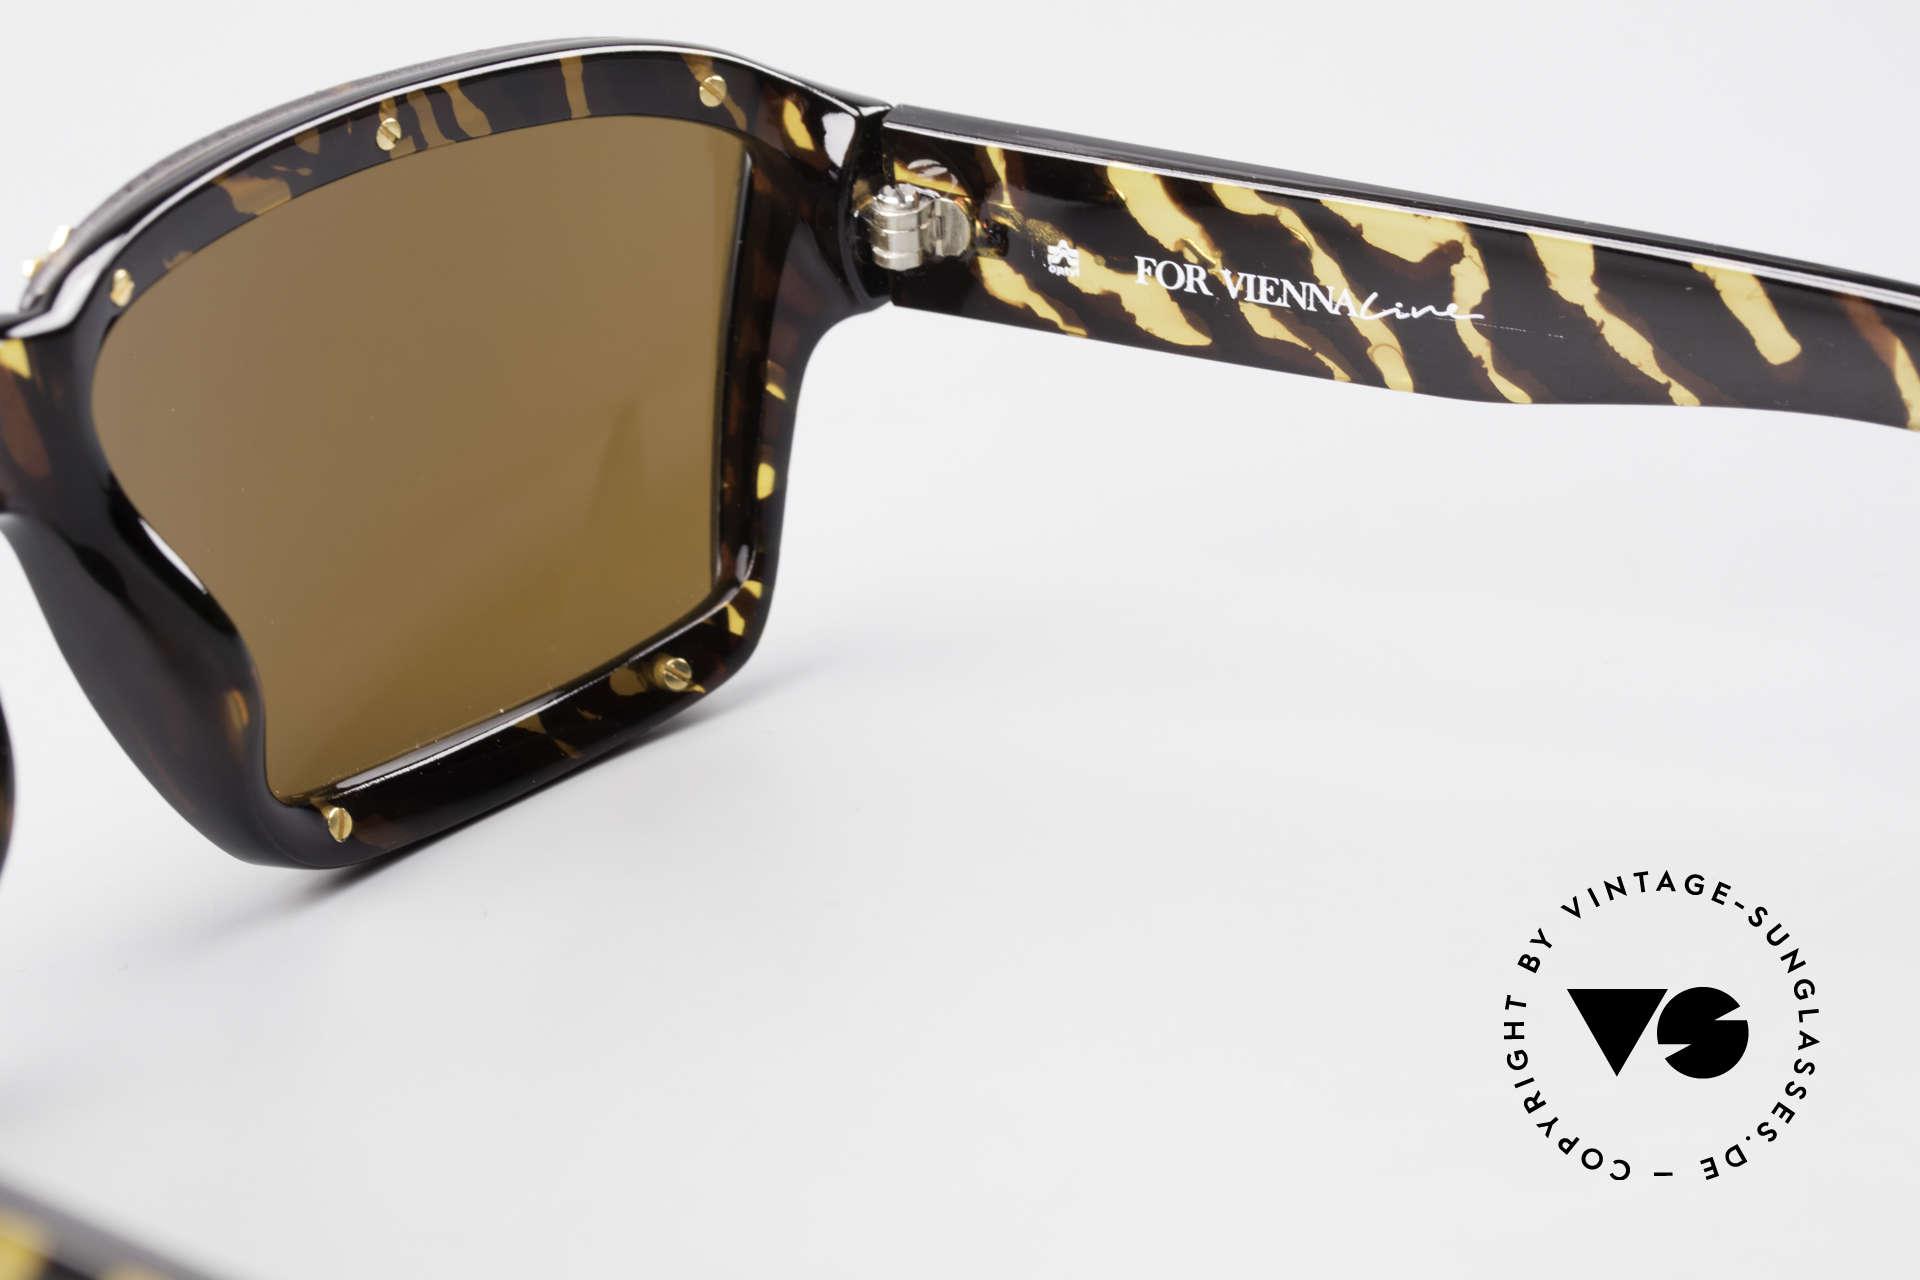 Paloma Picasso 3702 No Retro Sunglasses Original, Size: medium, Made for Women